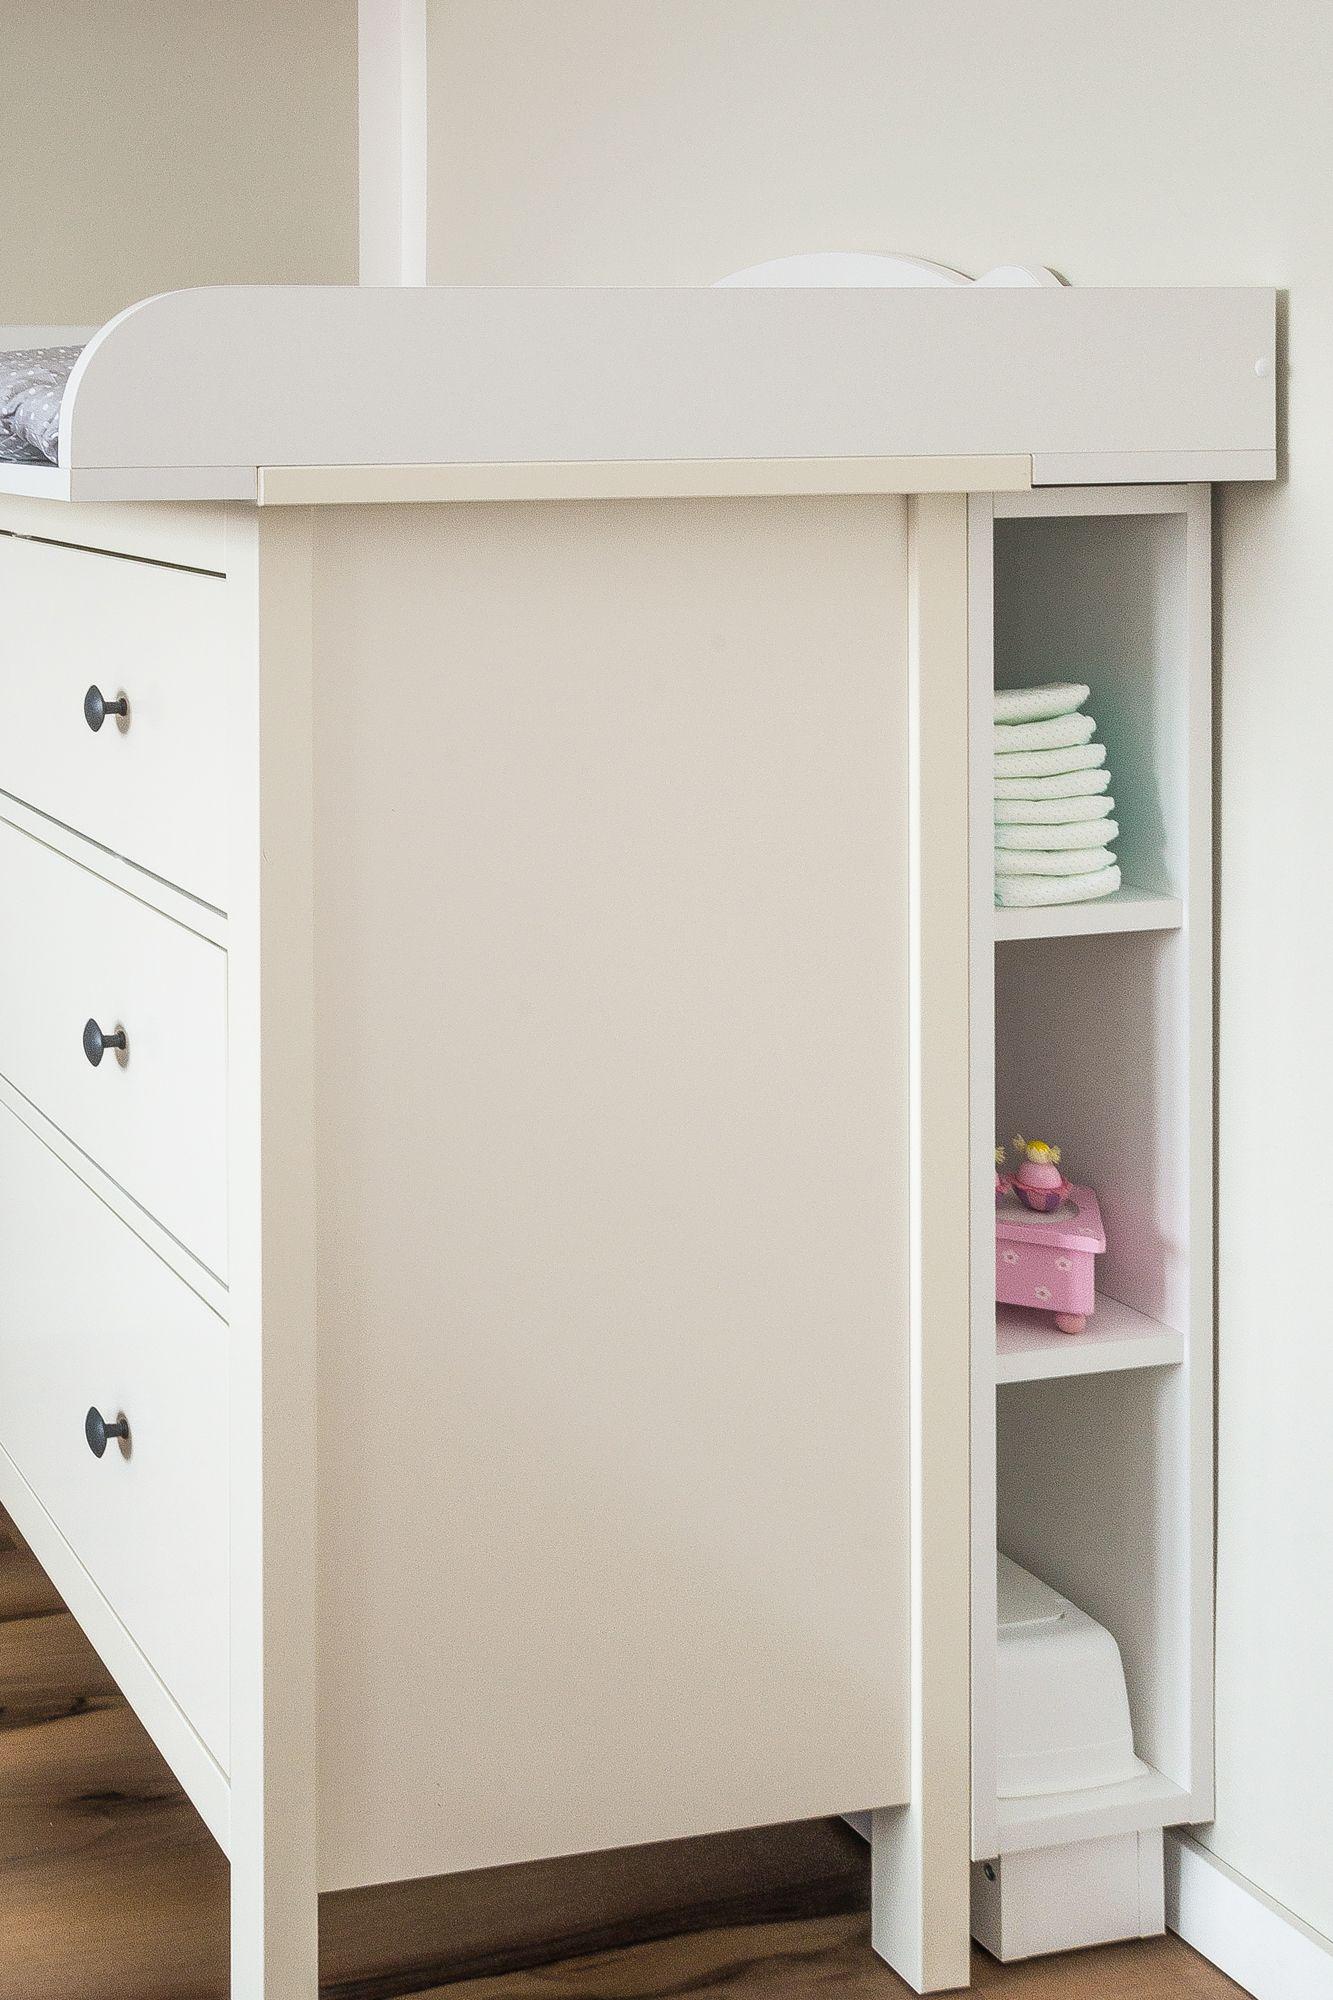 kraftkids stauraumregal für wickeltisch weiß passend für hemnes, Wohnzimmer dekoo